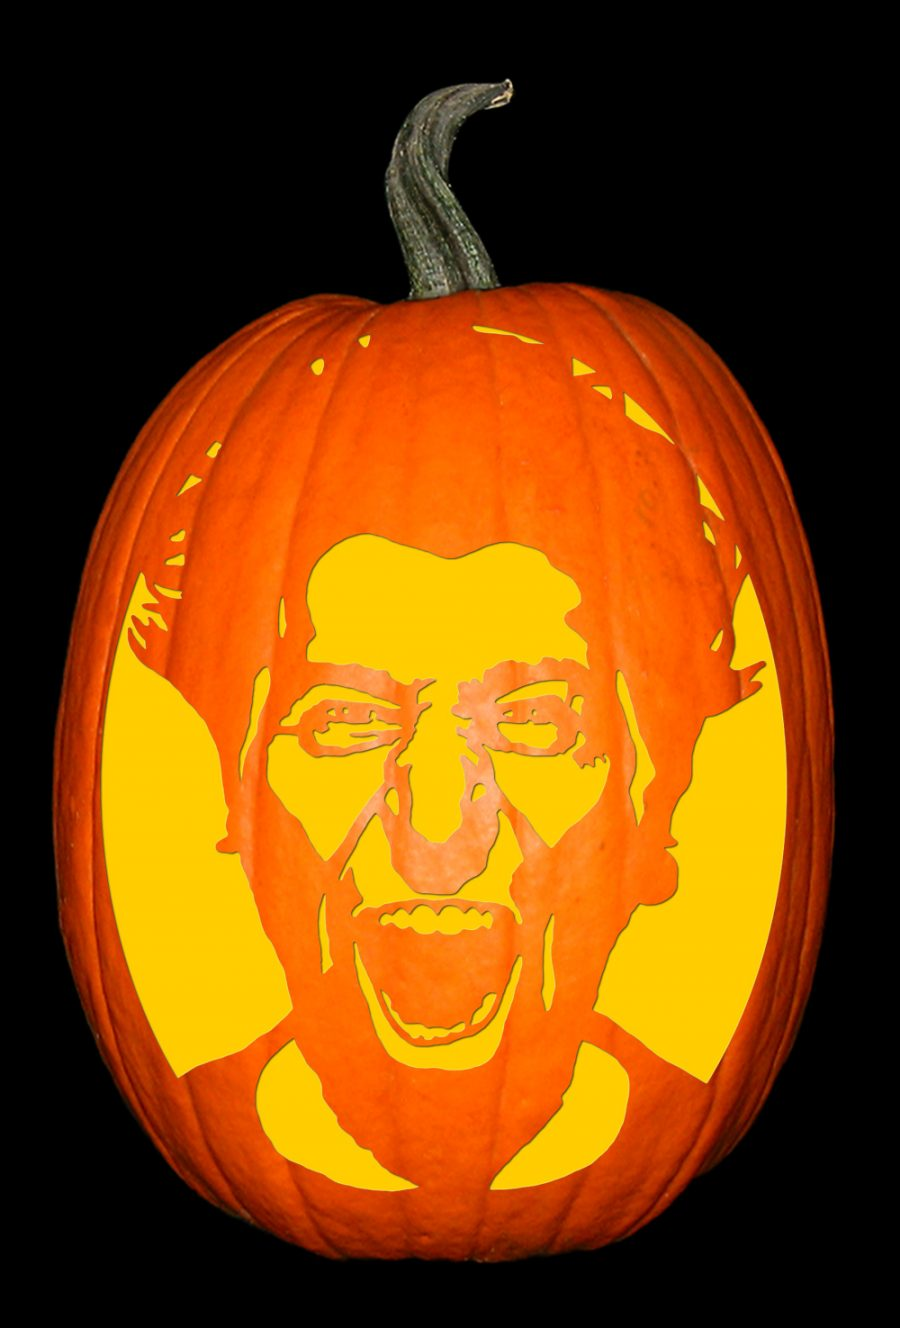 Peter Sagan Pumpkin